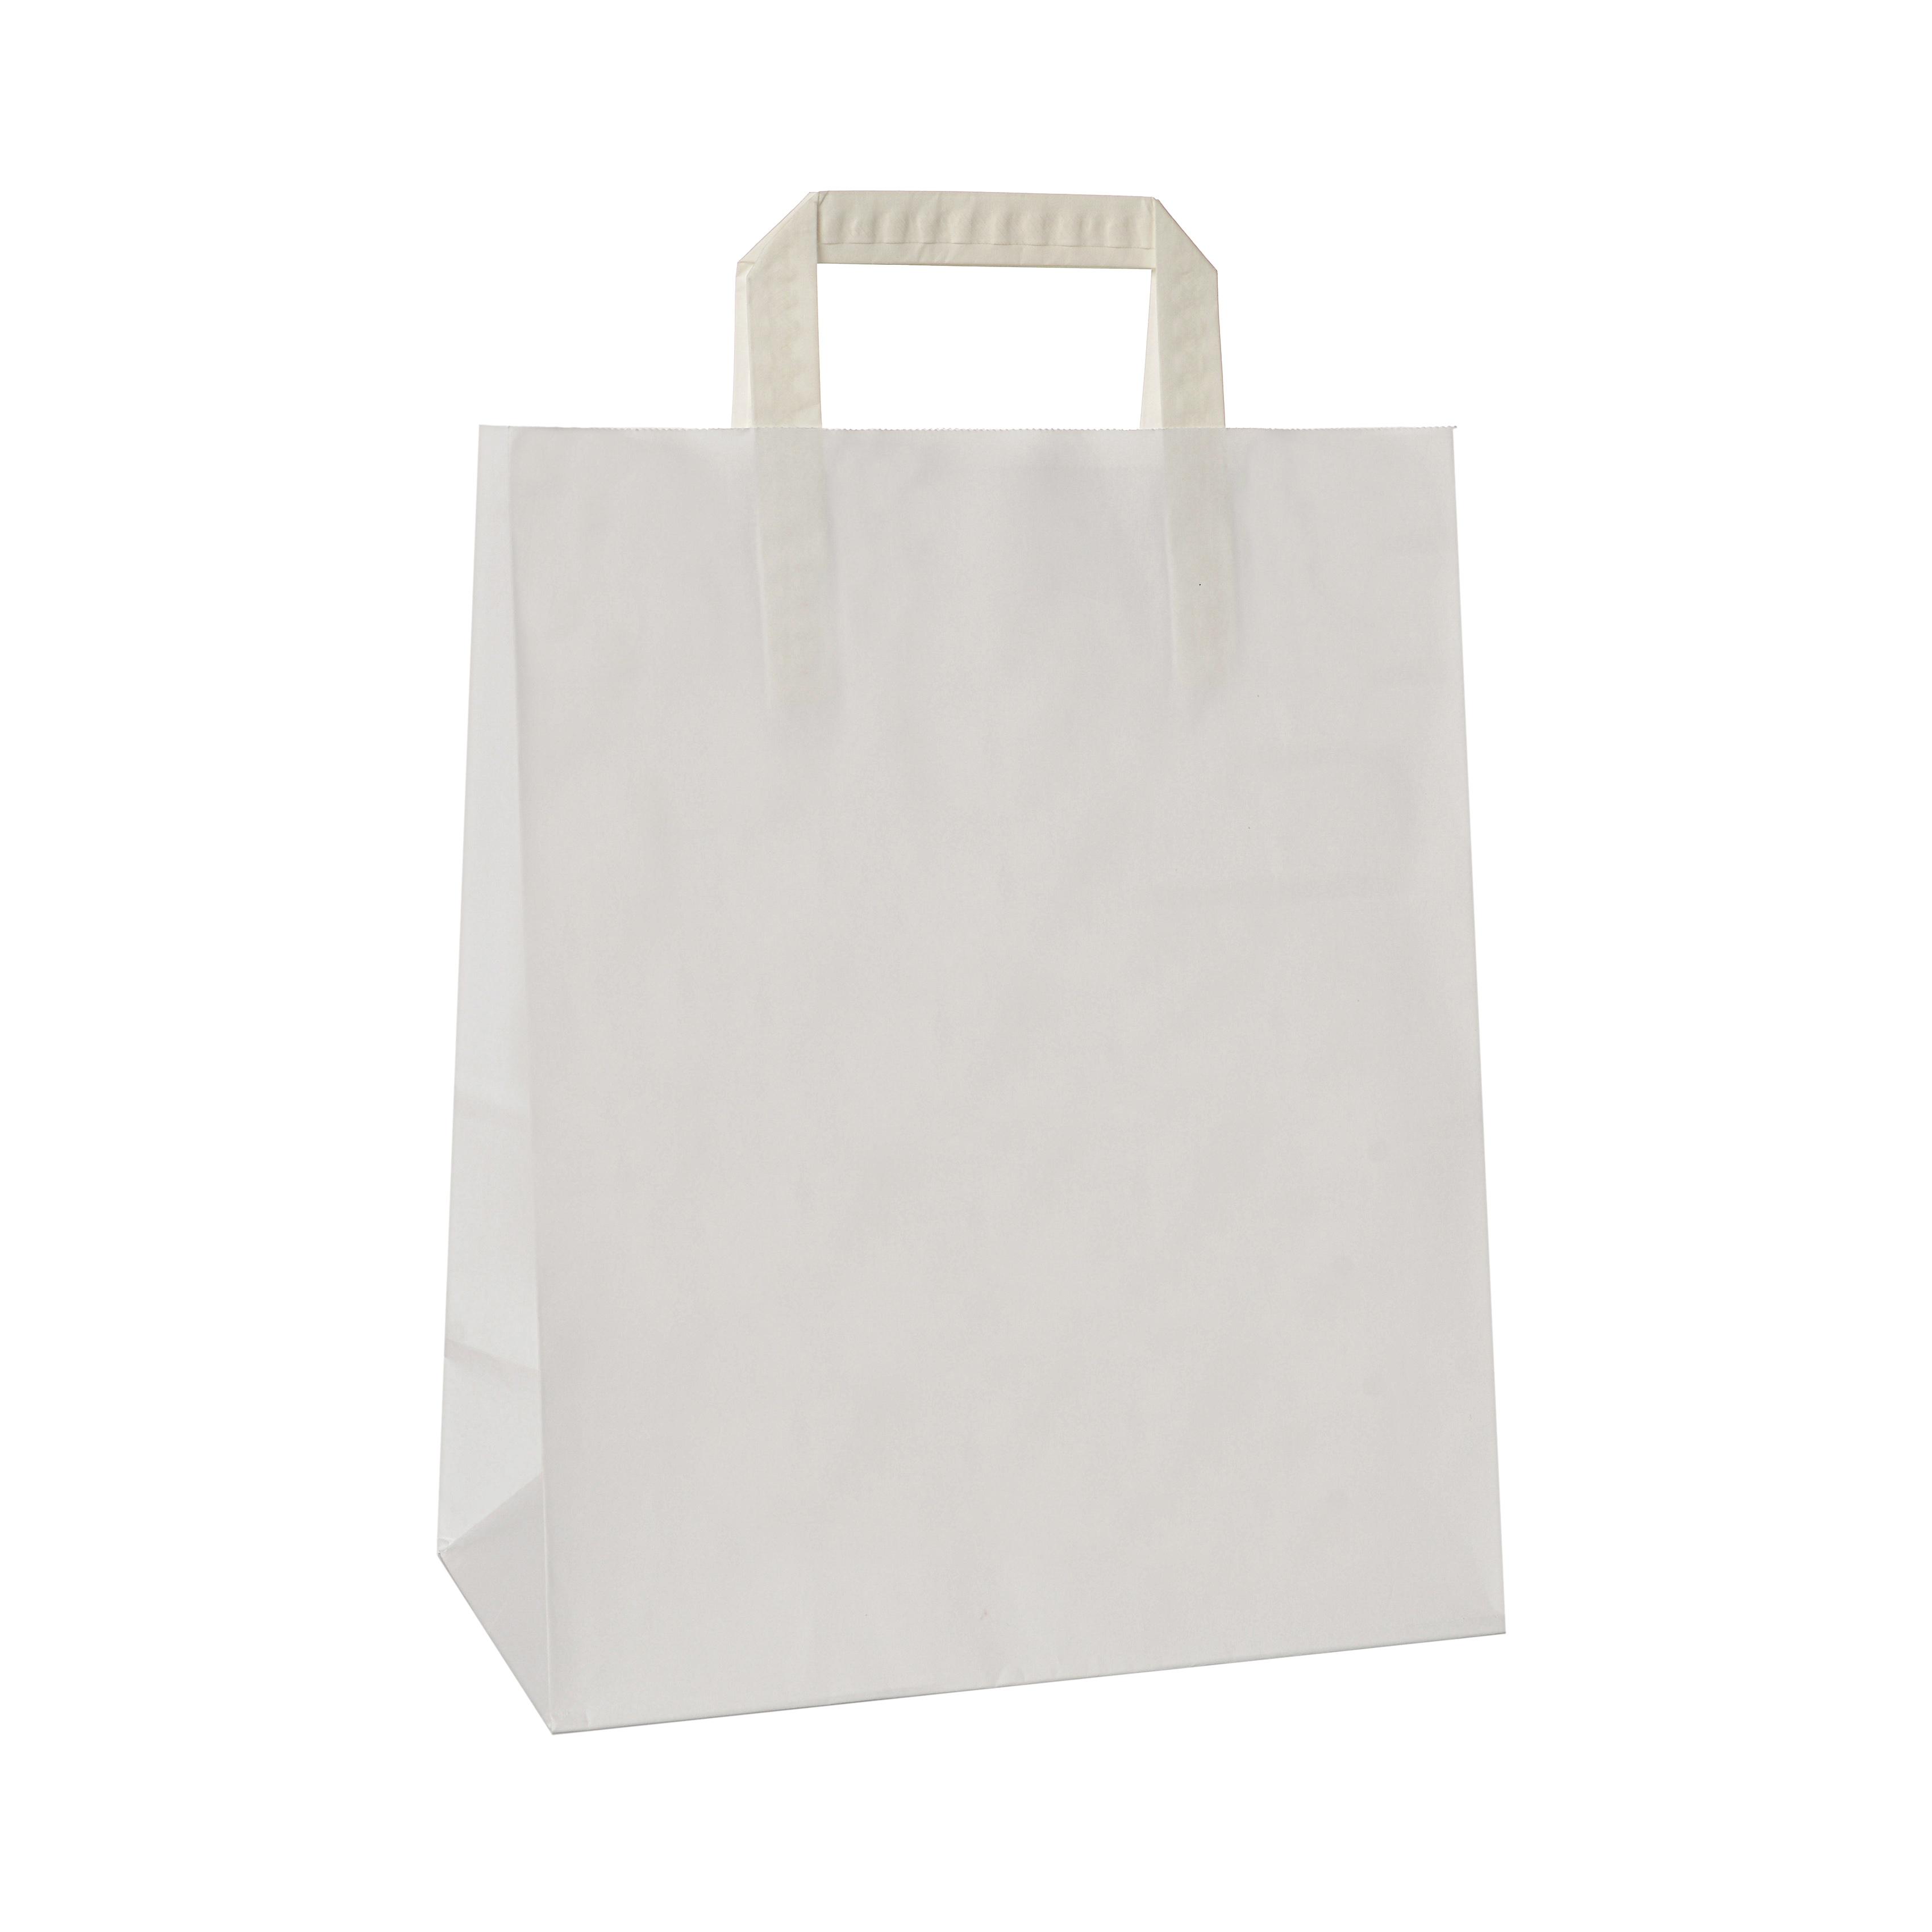 Torba papierowa TOPCRAFT KRAFT uchwyt składany 32x14x42 50 szt biała